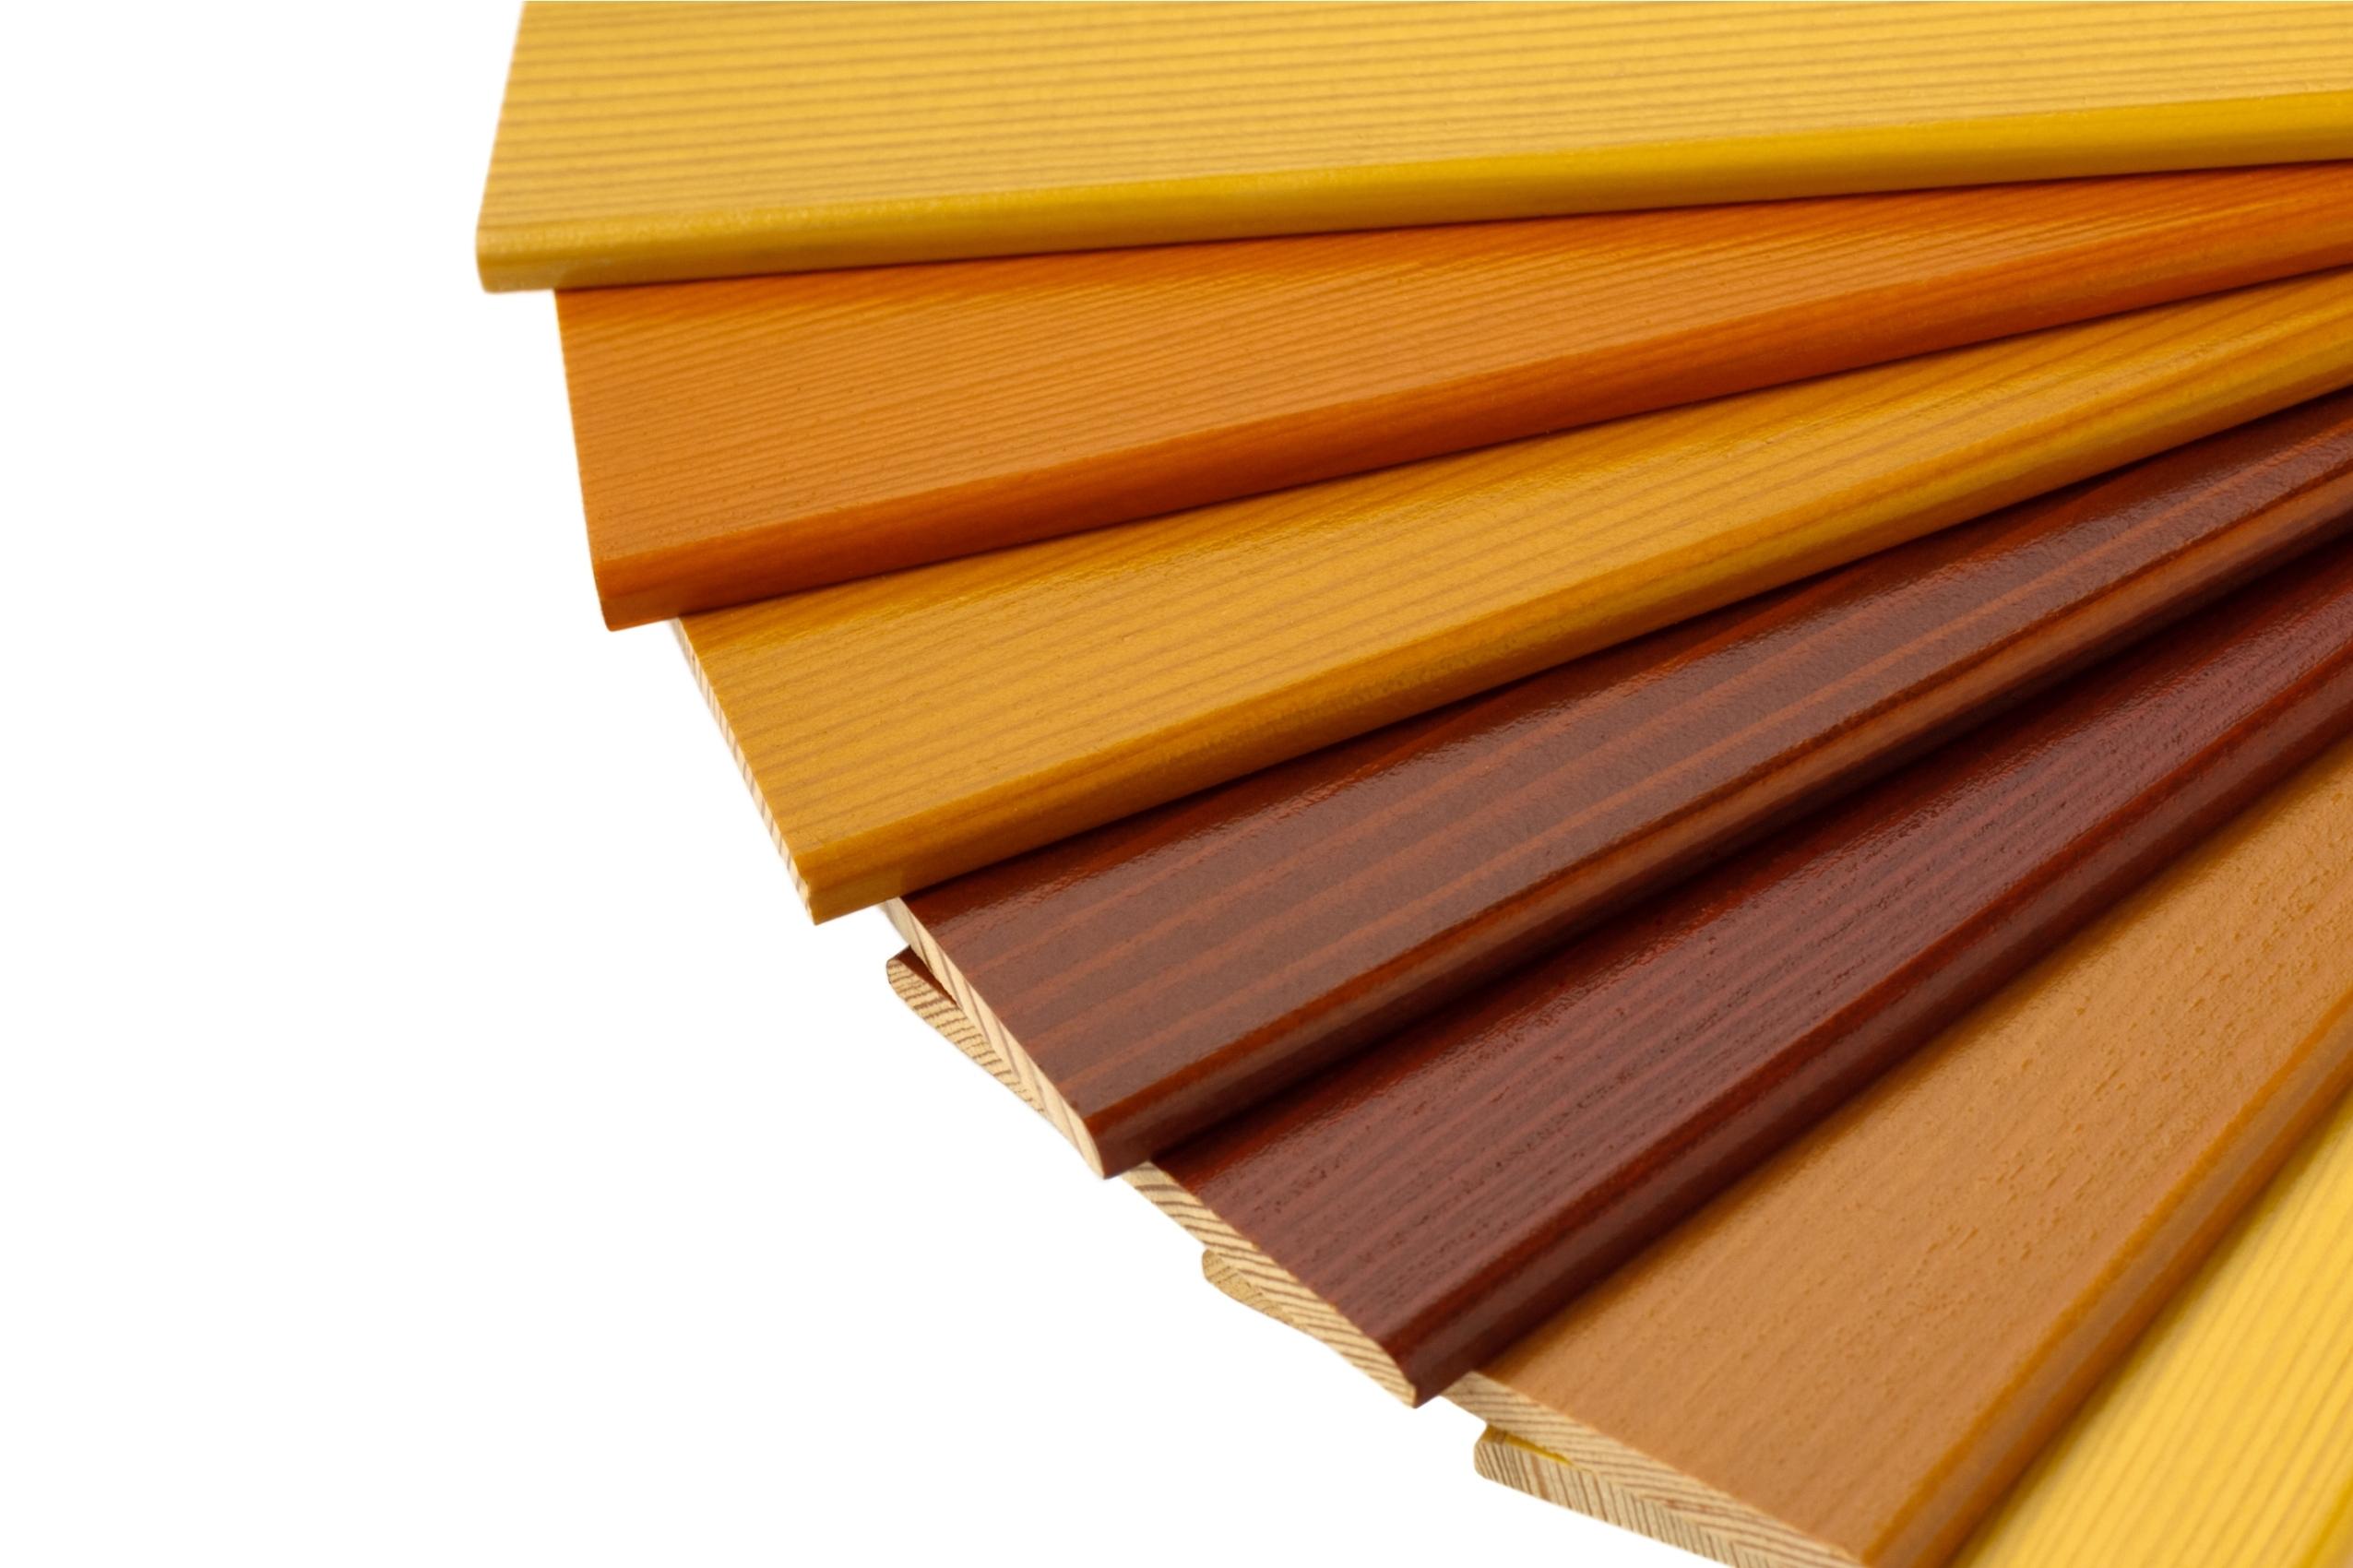 Ta teca una madera nica blog for Imagenes de kioscos de madera